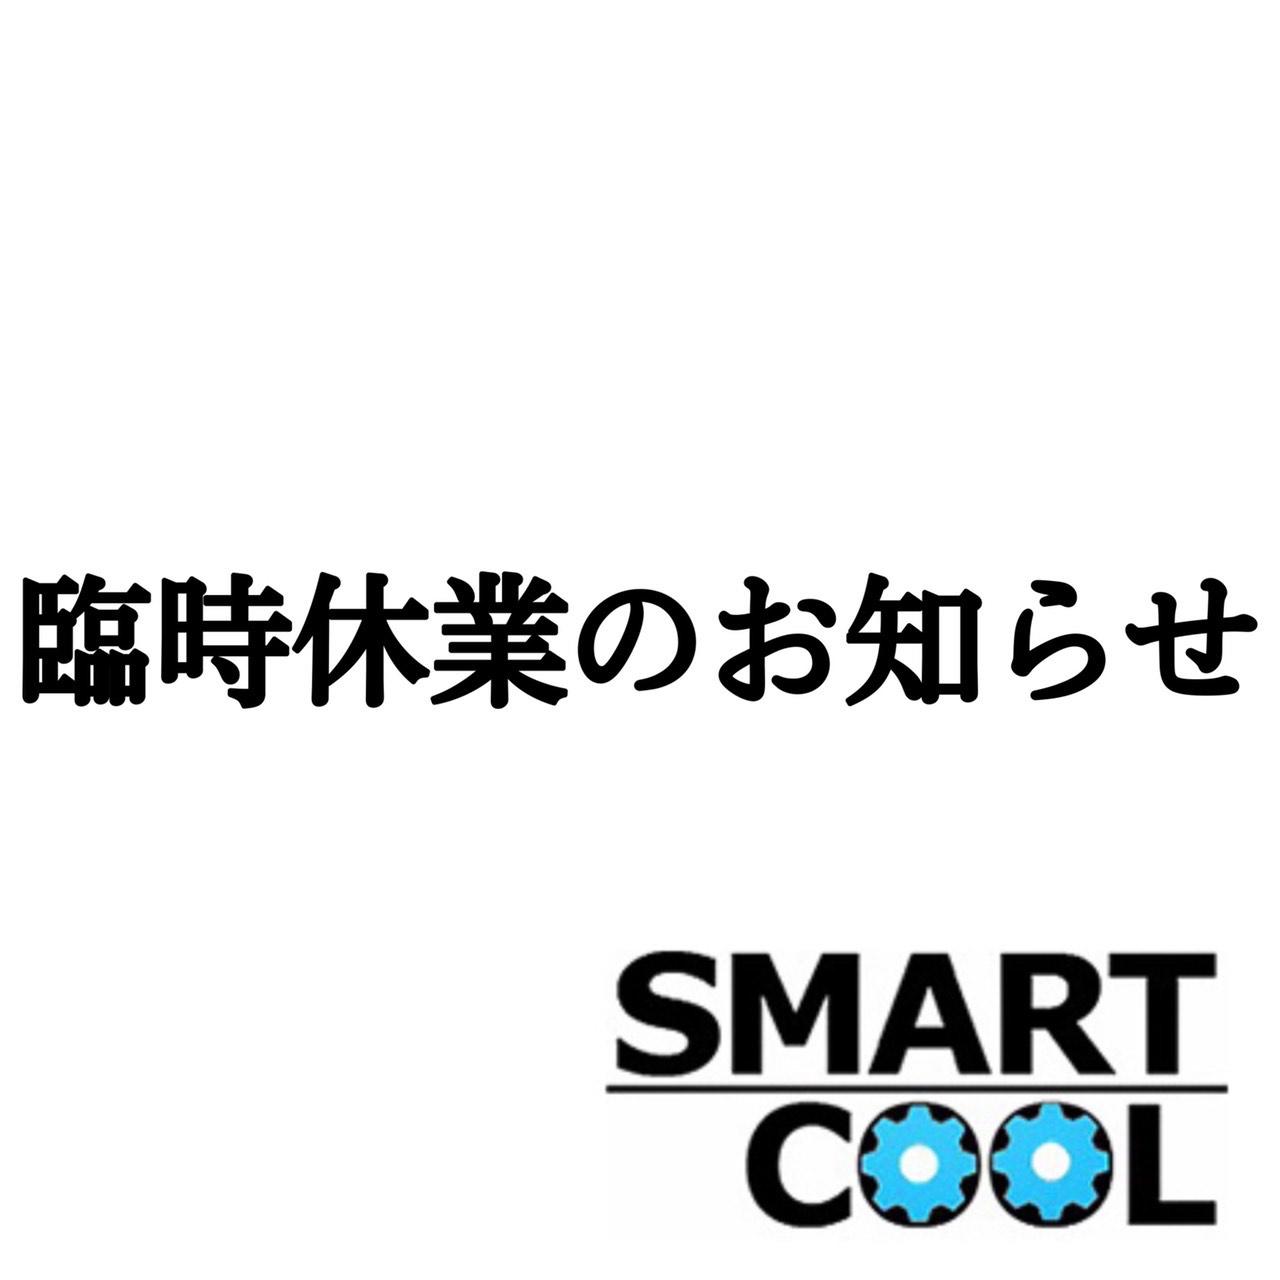 【臨時休業のお知らせ】明日4月8日より、スマートクールイオンモール伊丹店は臨時休業となります。